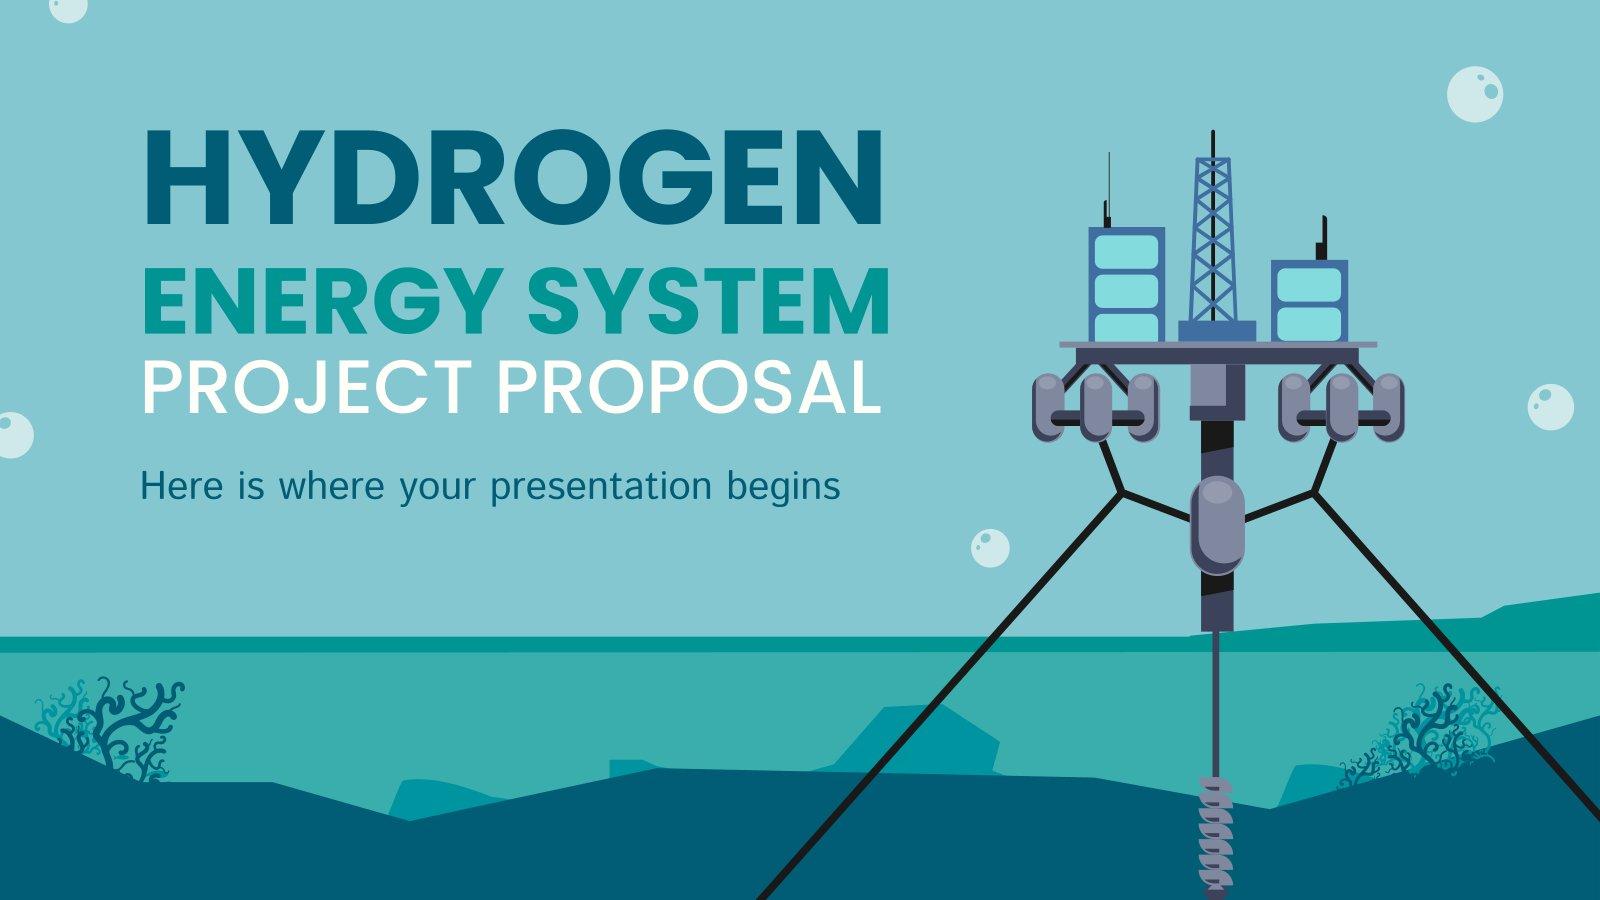 Plantilla de presentación Propuesta de proyecto sobre energía e hidrógeno